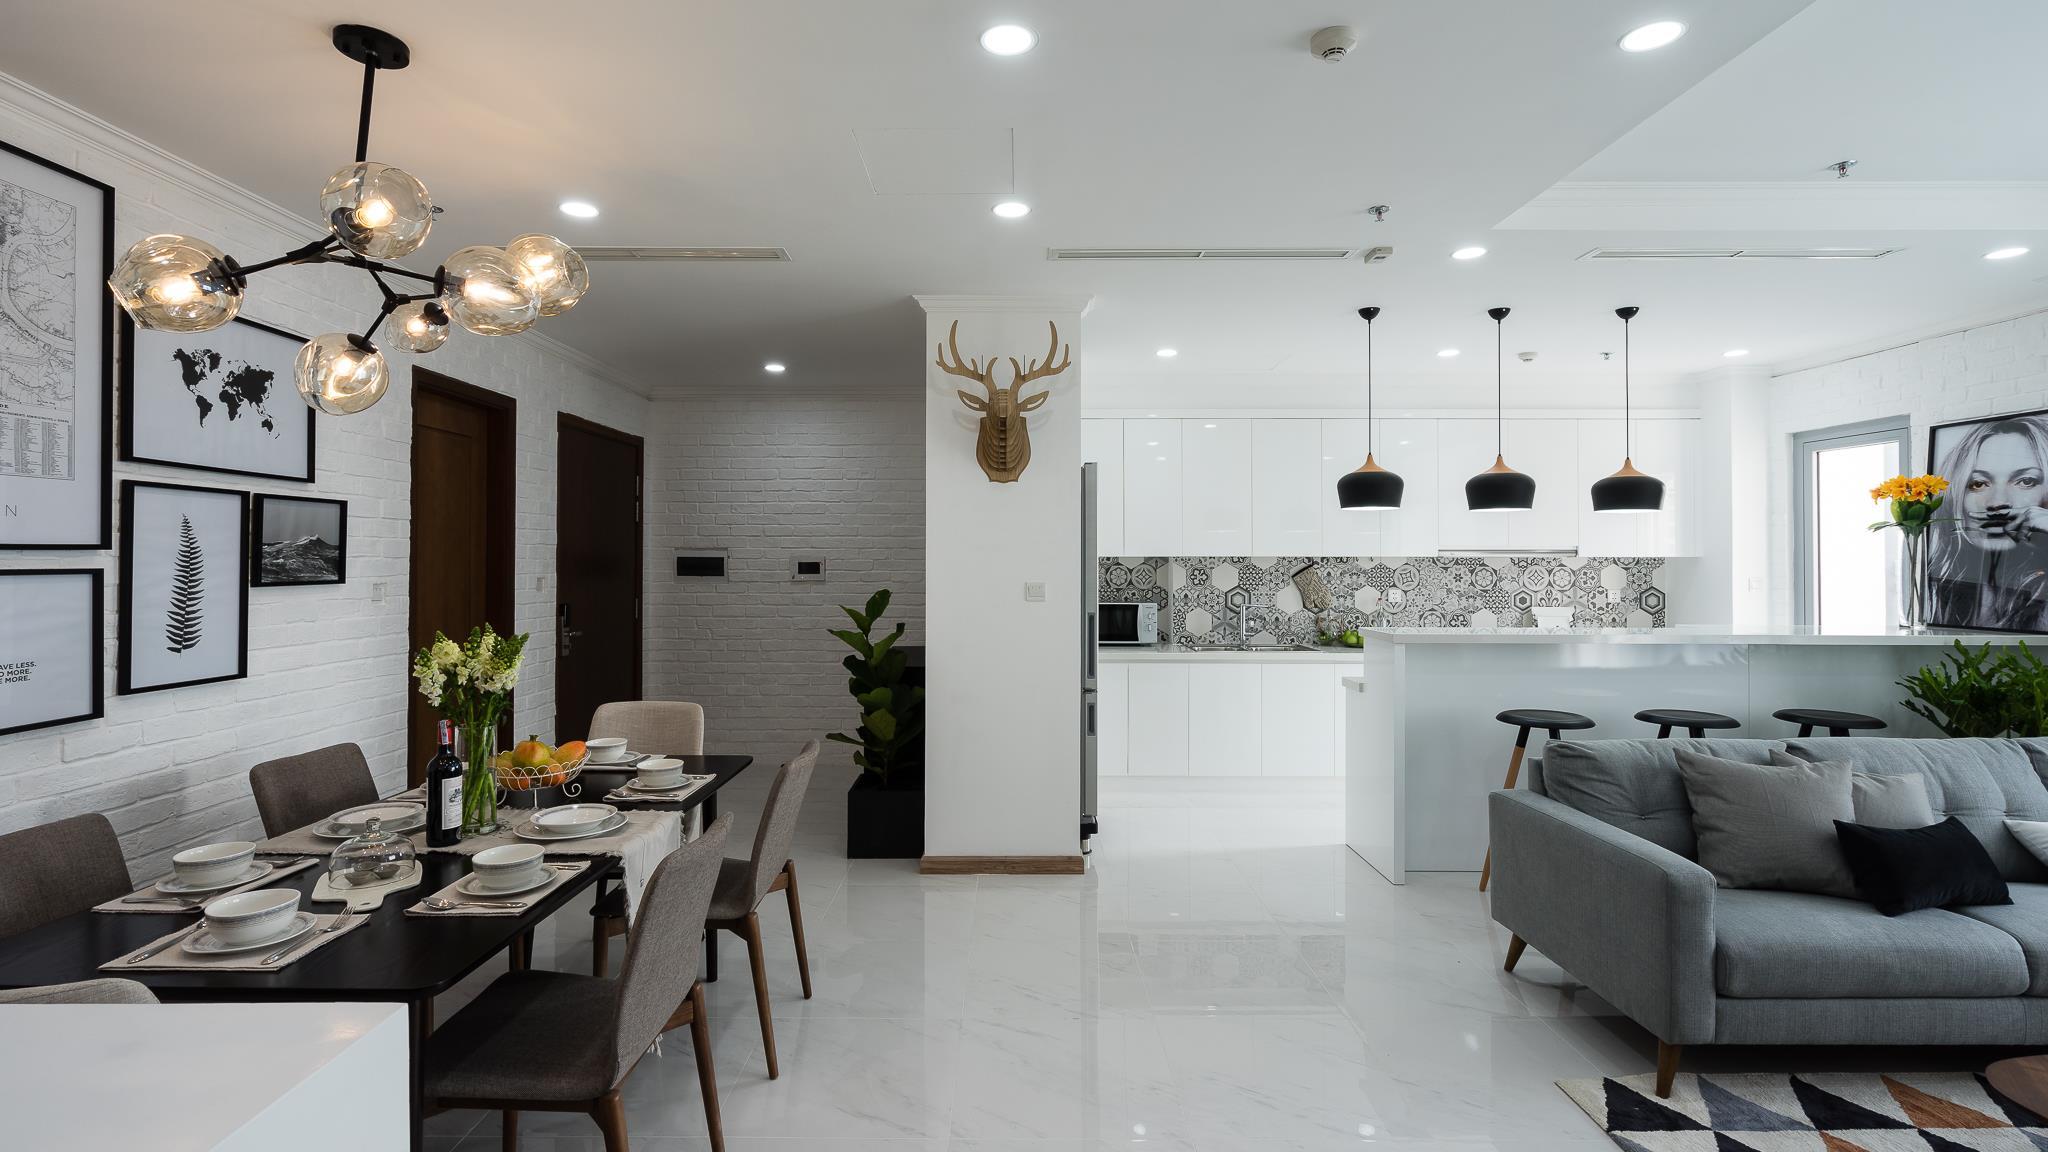 thiết kế nội thất chung cư giá rẻ 4